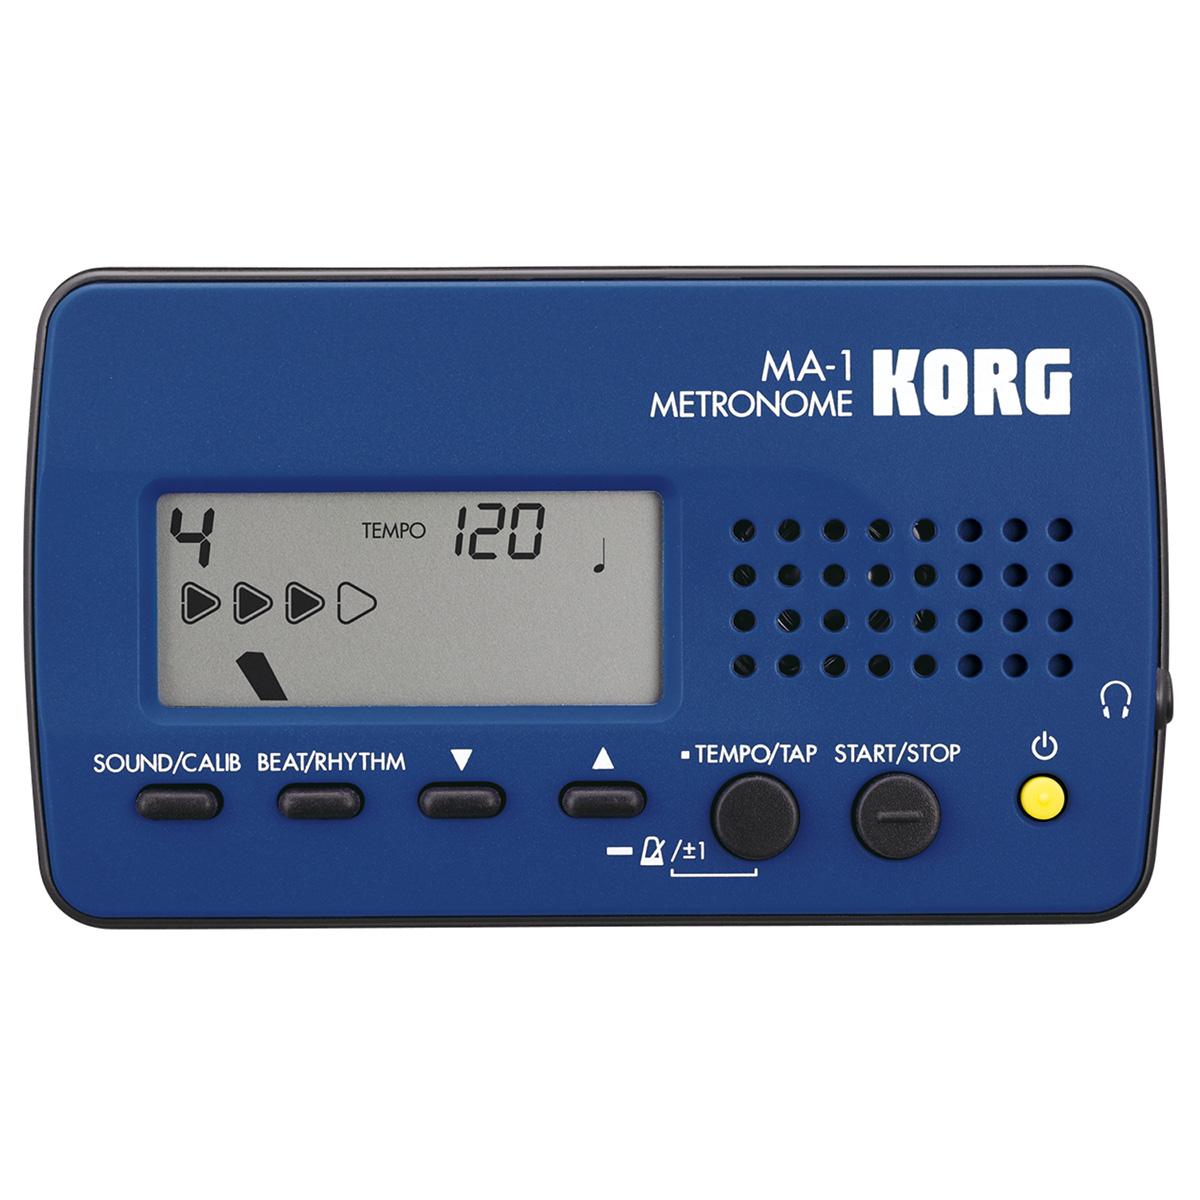 Korg - Métronome MA-1 - Krog